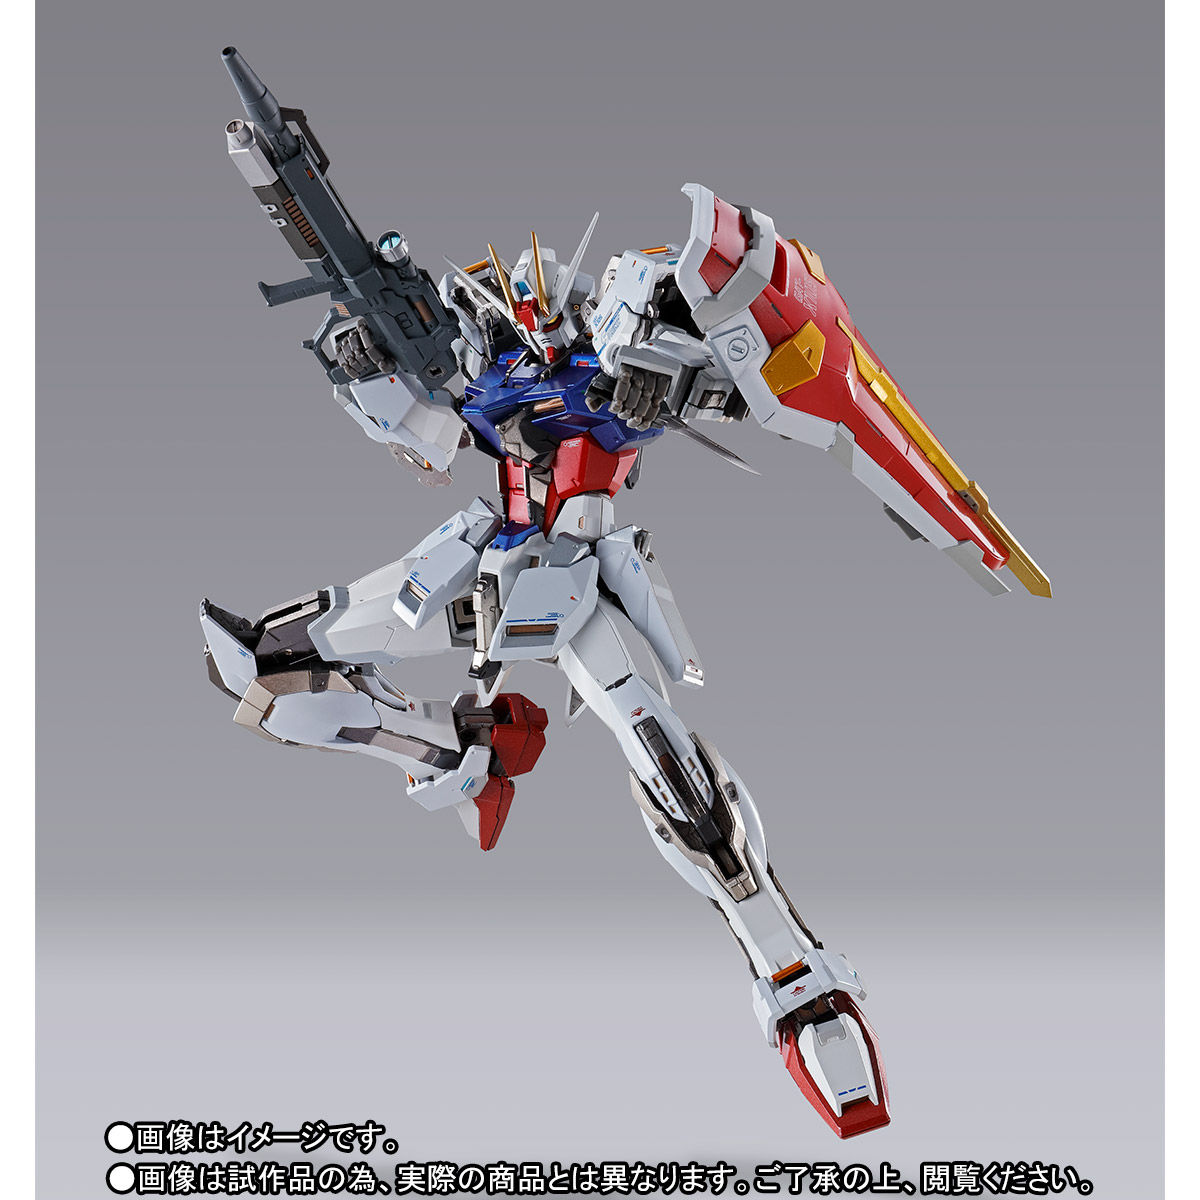 【受注販売】METAL BUILD『ストライクガンダム』機動戦士ガンダムSEED 可動フィギュア-003